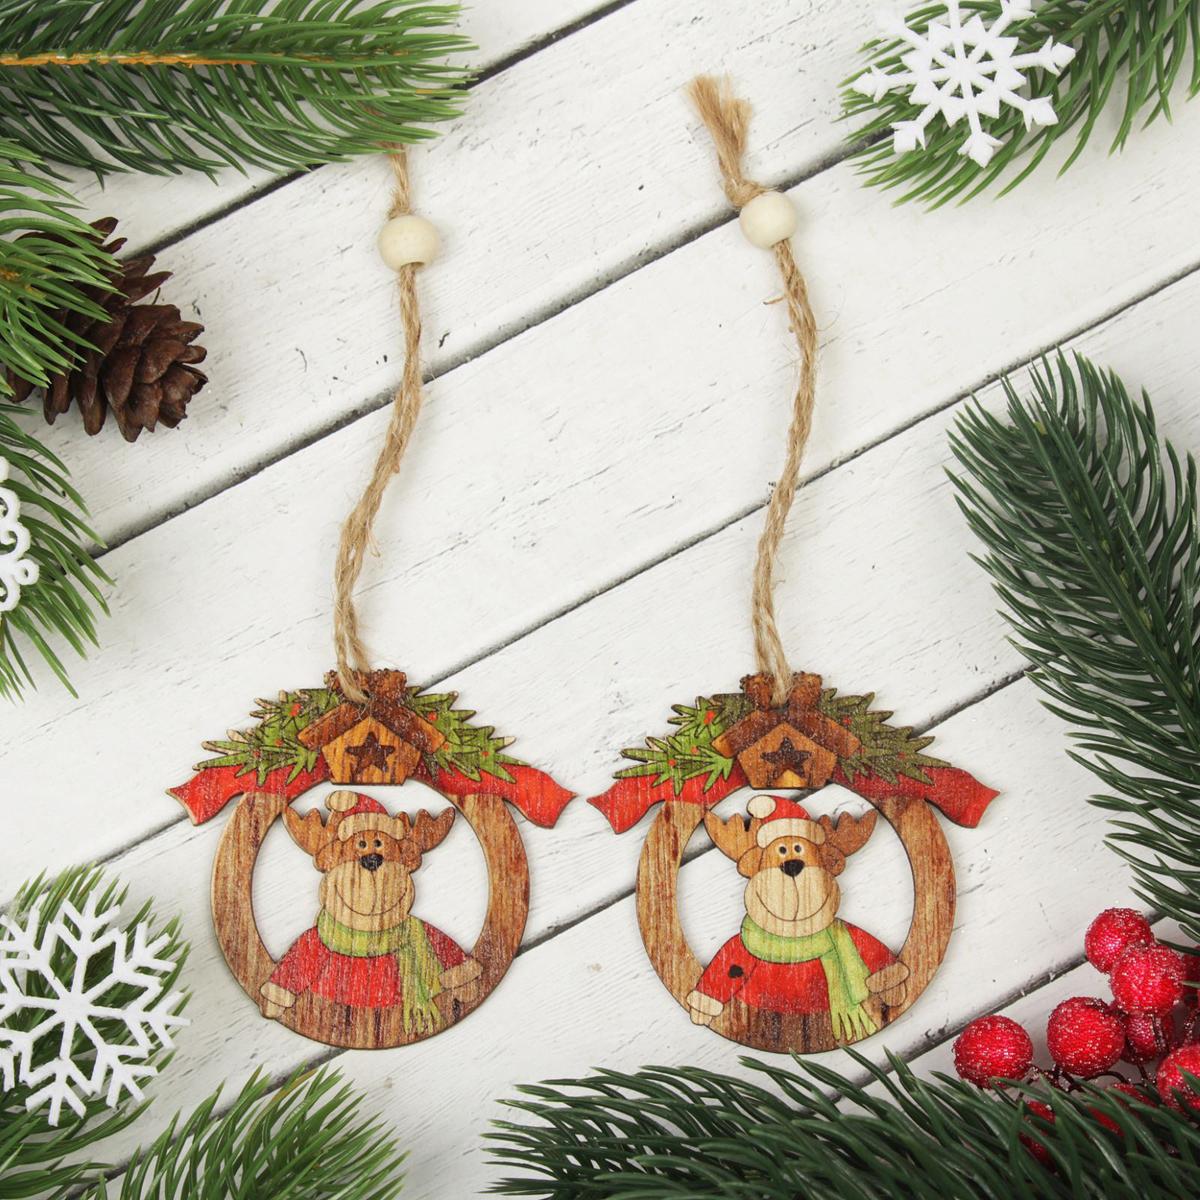 Украшение новогоднее подвесное Олень в шапке, 2 шт2303267Набор новогодних подвесных украшений, выполненных из дерева, отлично подойдет для декорации вашего дома и новогодней ели. С помощью специальной петельки украшение можно повесить в любом понравившемся вам месте. Но, конечно, удачнее всего оно будет смотреться на праздничной елке.Елочная игрушка - символ Нового года. Она несет в себе волшебство и красоту праздника. Такое украшение создаст в вашем доме атмосферу праздника, веселья и радости.В комплекте 2 украшения.